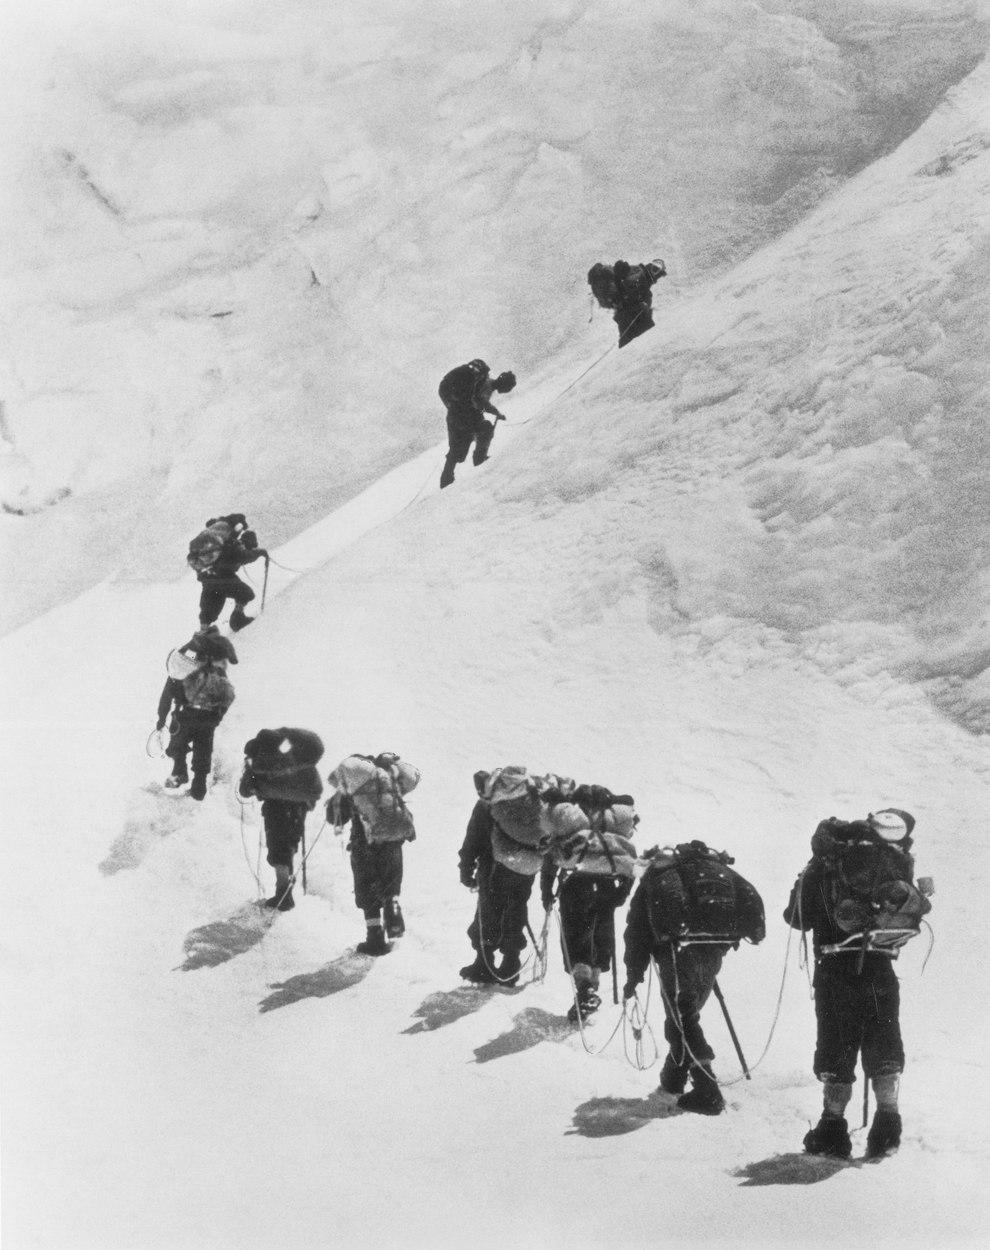 Новозеландец Эдмунд Хиллари с группой восходят на Эверест, 1953 год